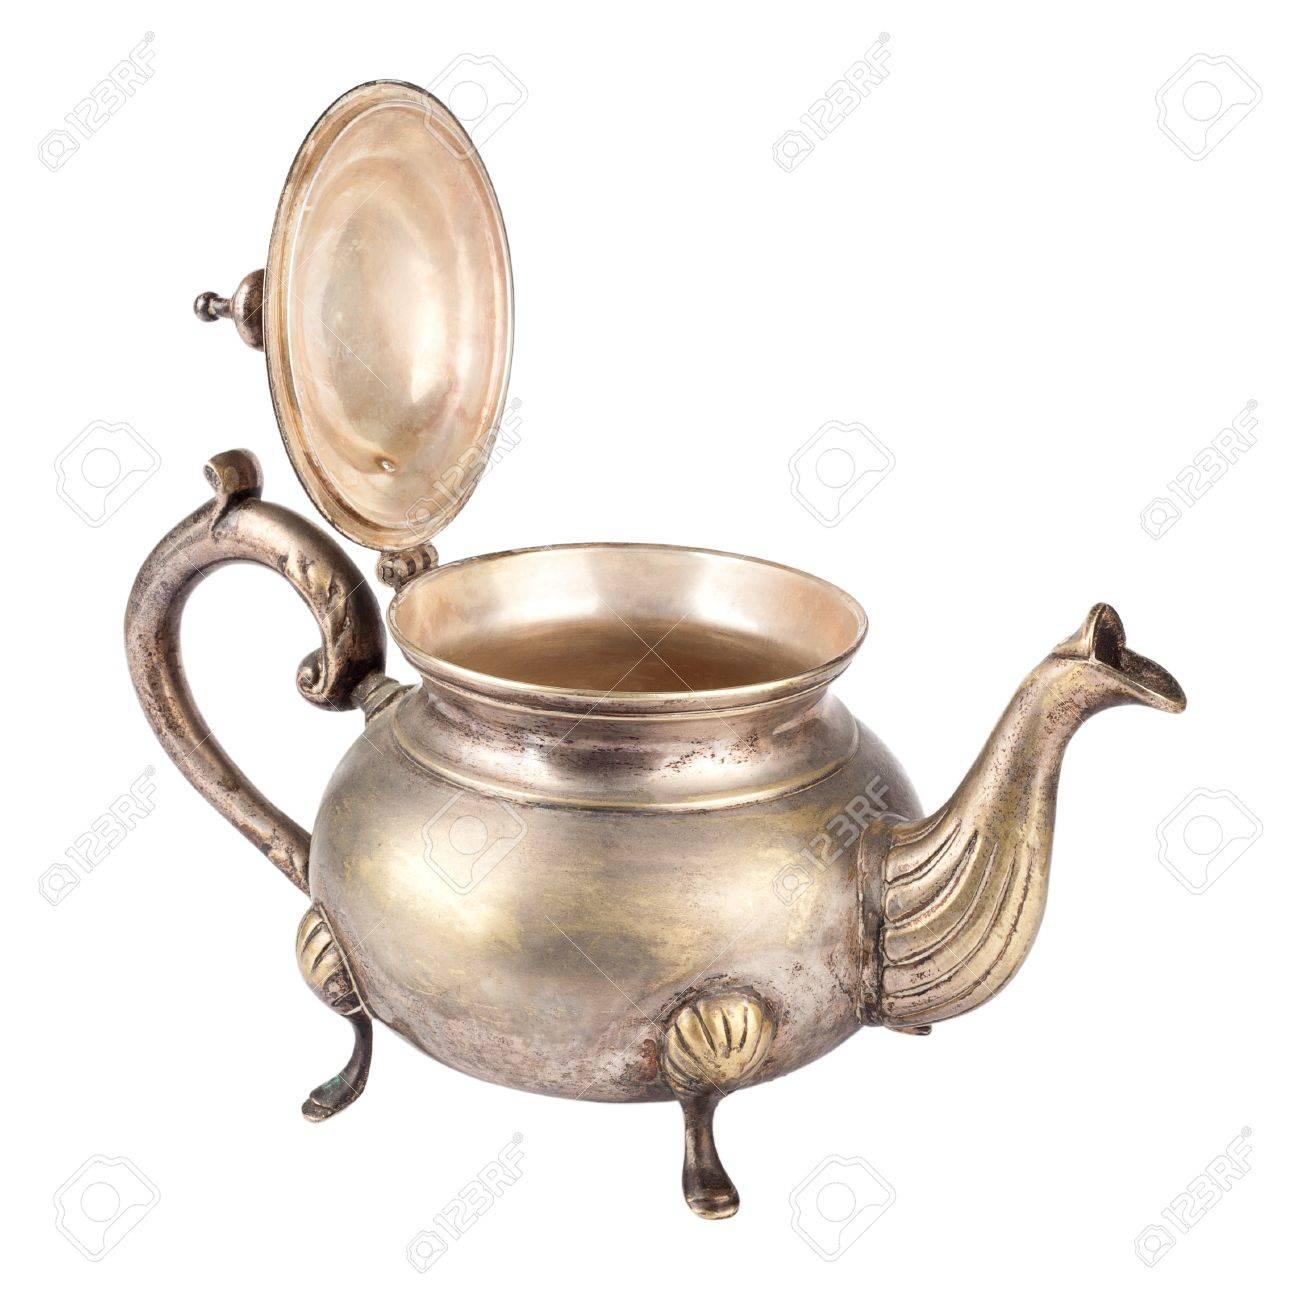 Antique teapot on white background Stock Photo - 14310897